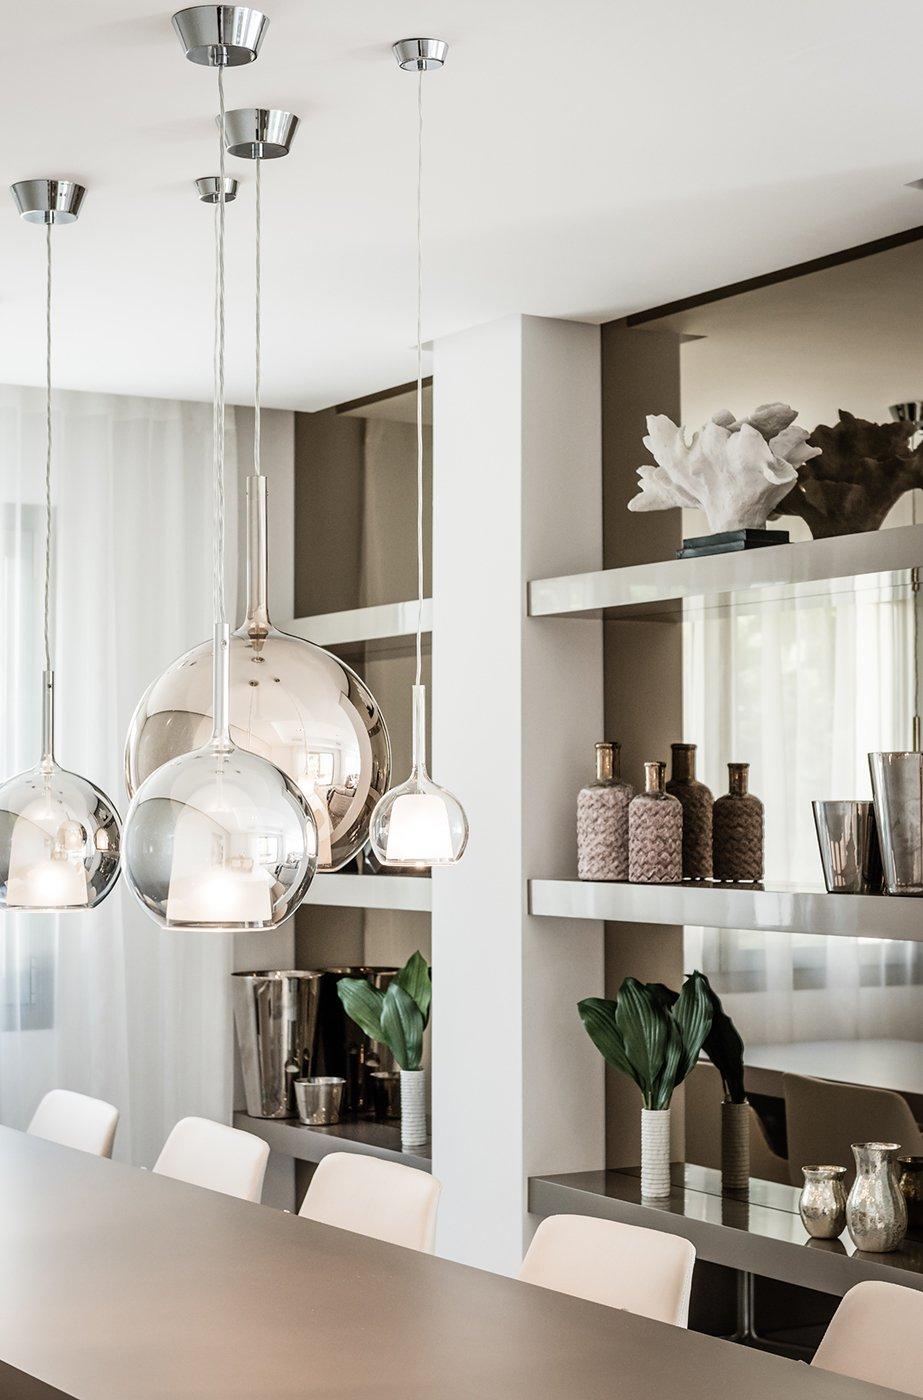 el-arenal-marbella-ambience-home-design-22